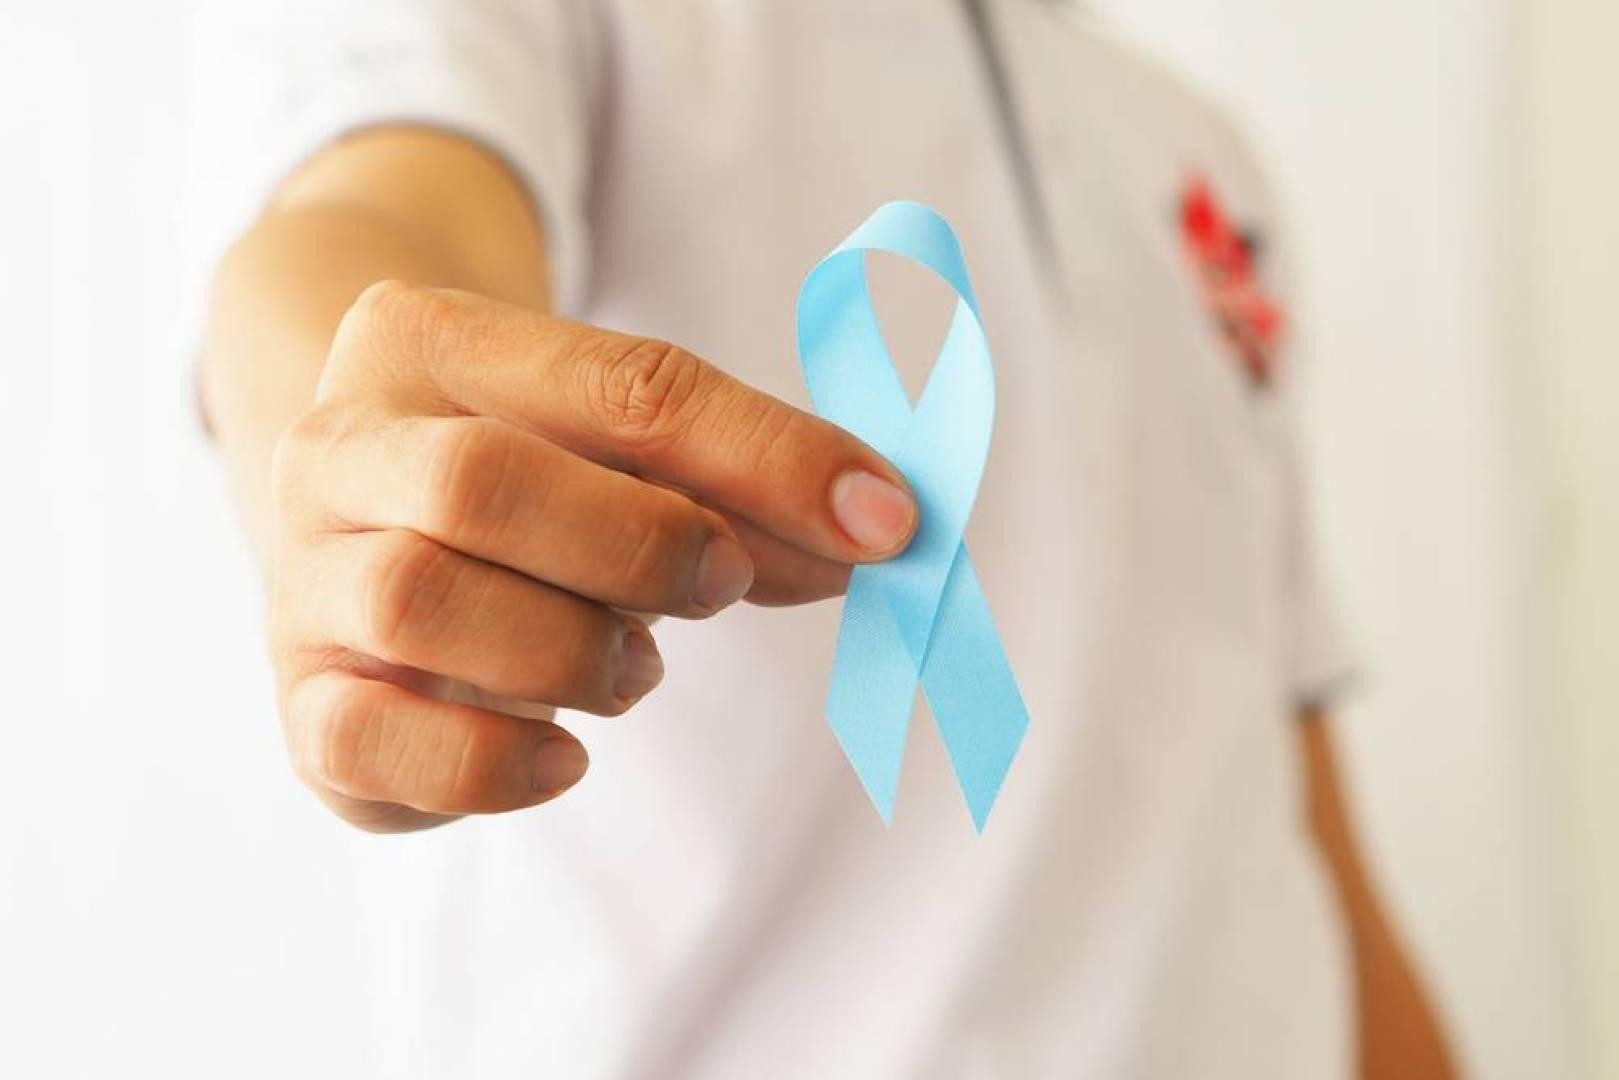 علامة في العيون يمكن أن تشير إلى سرطان البروستاتا المتقدم